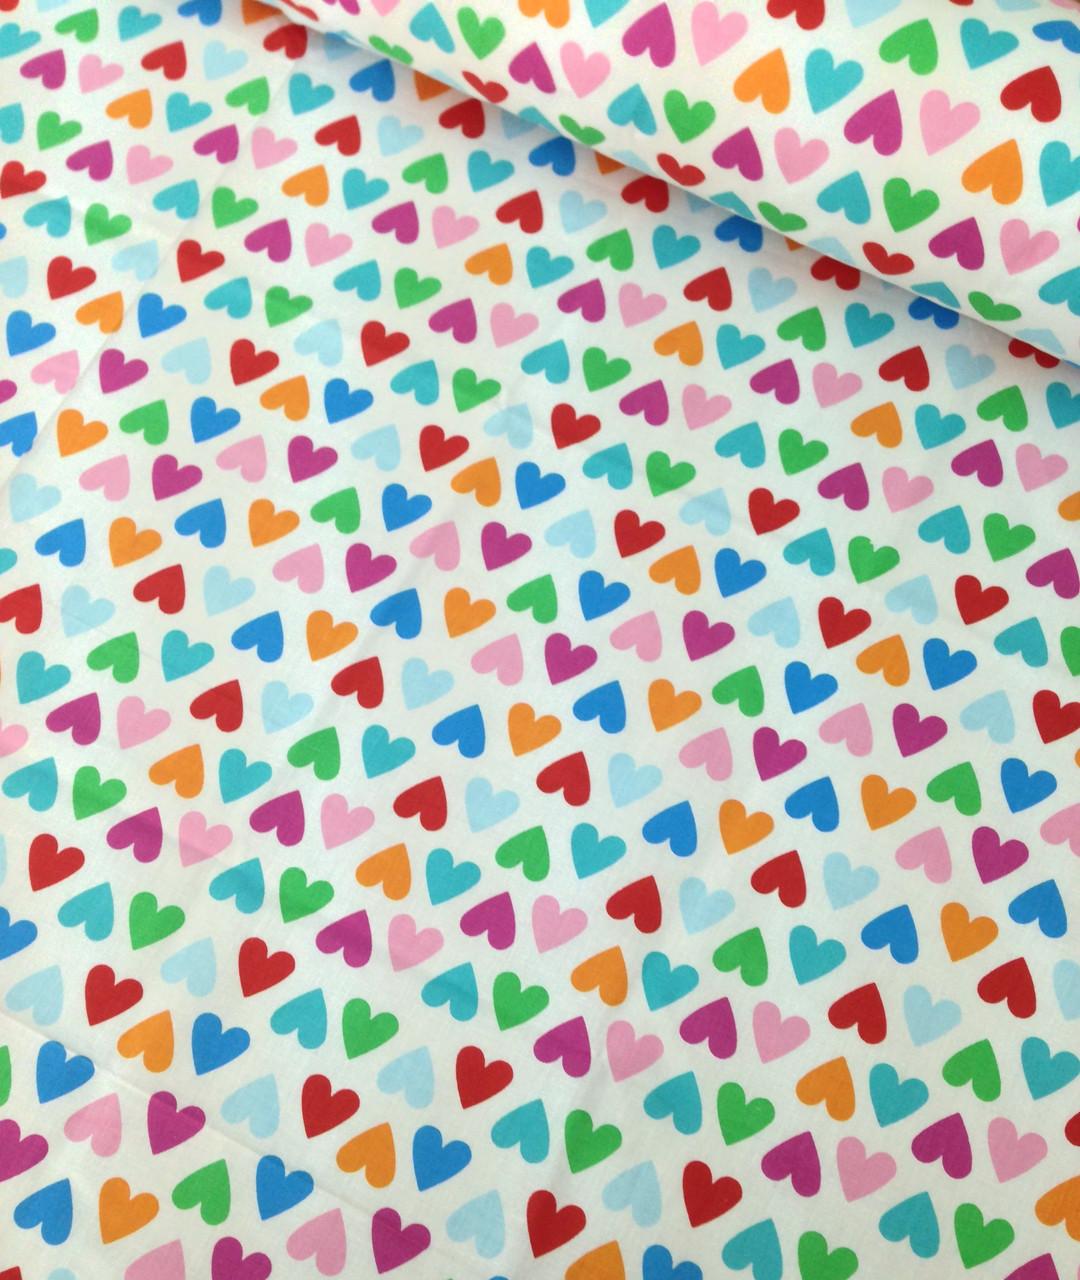 Хлопковая ткань польская сердца розовые, голубые, оранжевые, зеленые на белом №637